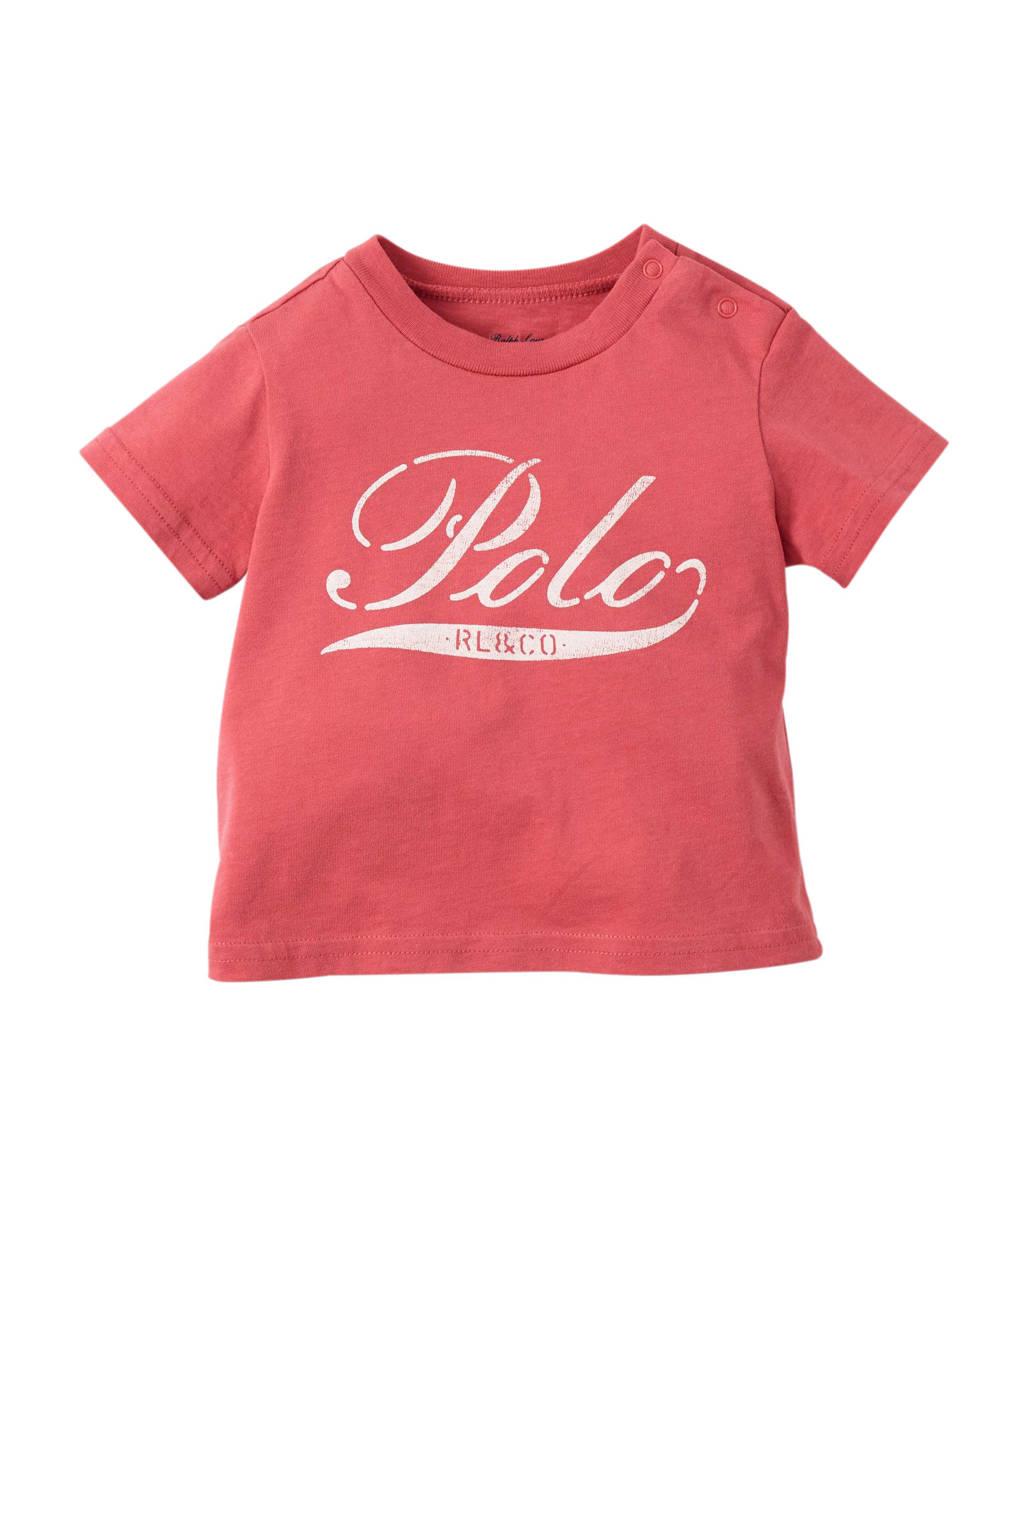 POLO Ralph Lauren baby T-shirt met logo zachtrood, Zachtrood